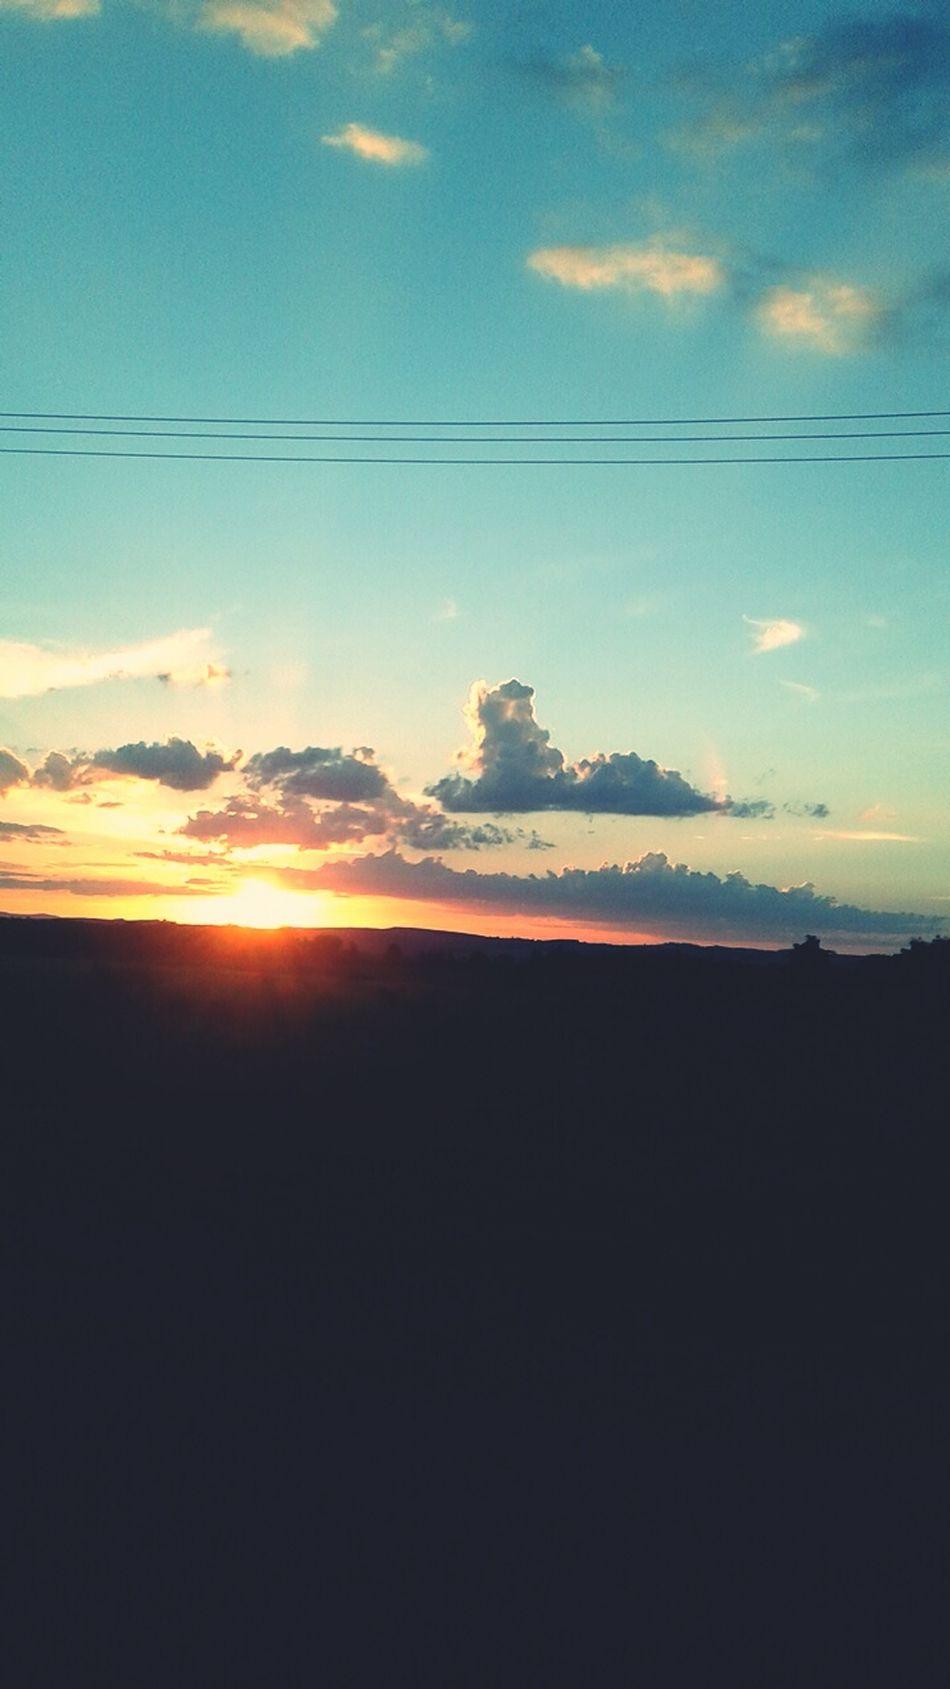 De sábado, Pôr do Sol Lindo *-*